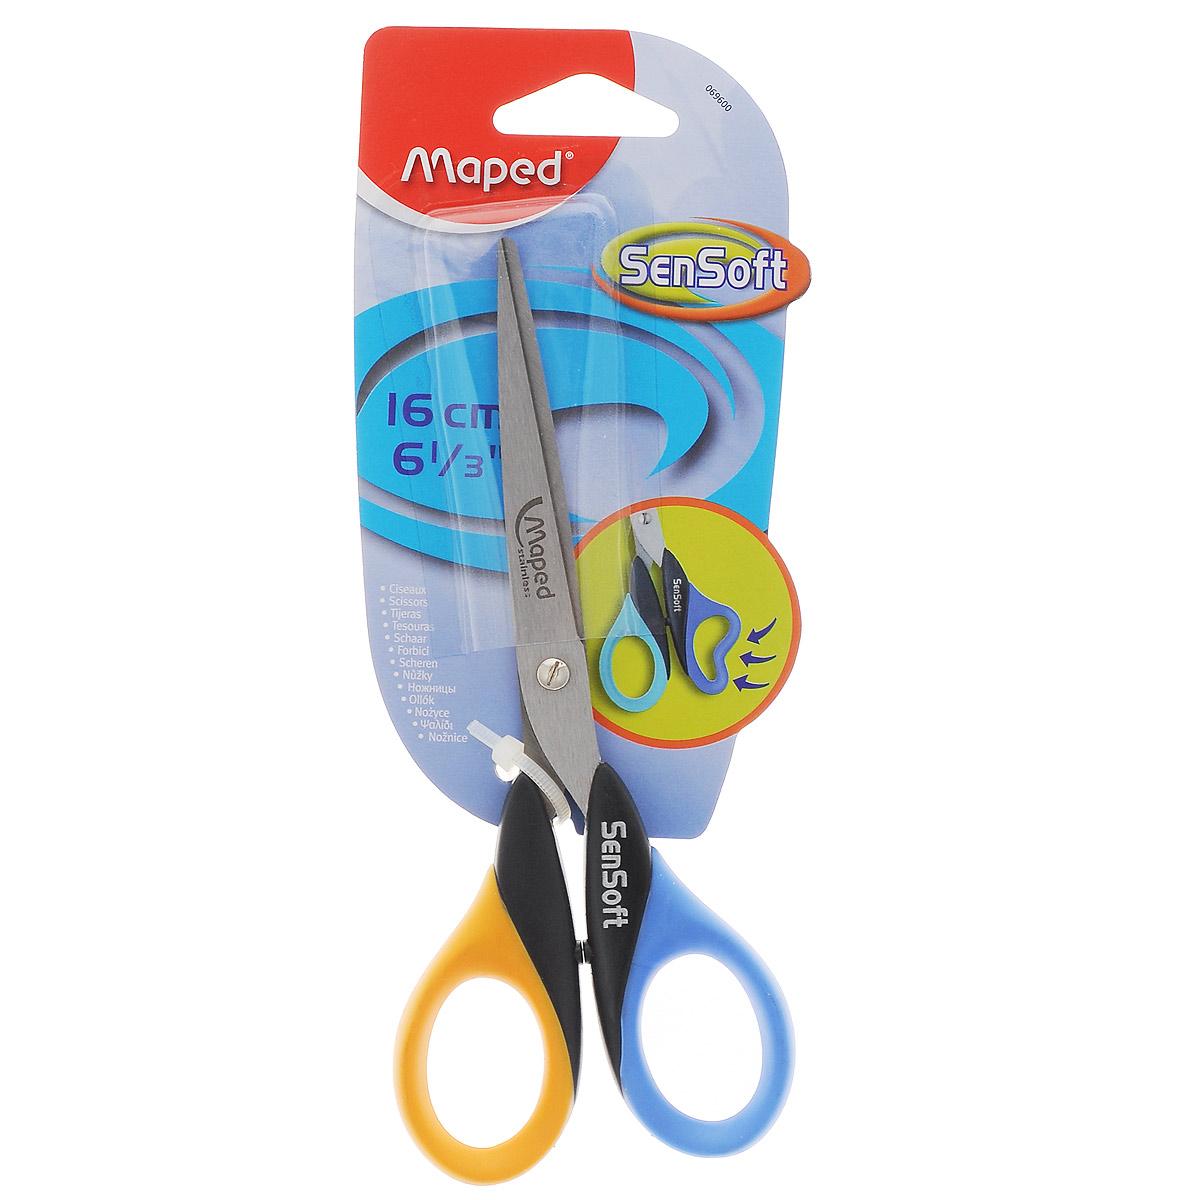 Maped Ножницы Sensoft цвет синий желтый 16 см69600_синий, желтыйЛезвия ножниц Sensoft выполнены из шлифованной нержавеющей стали и отлично режут бумагу, картон, ткань, клеенку. Гнущиеся гибкие кольца ножниц делают резку абсолютно комфортной.Рекомендовано детям старше пяти лет.